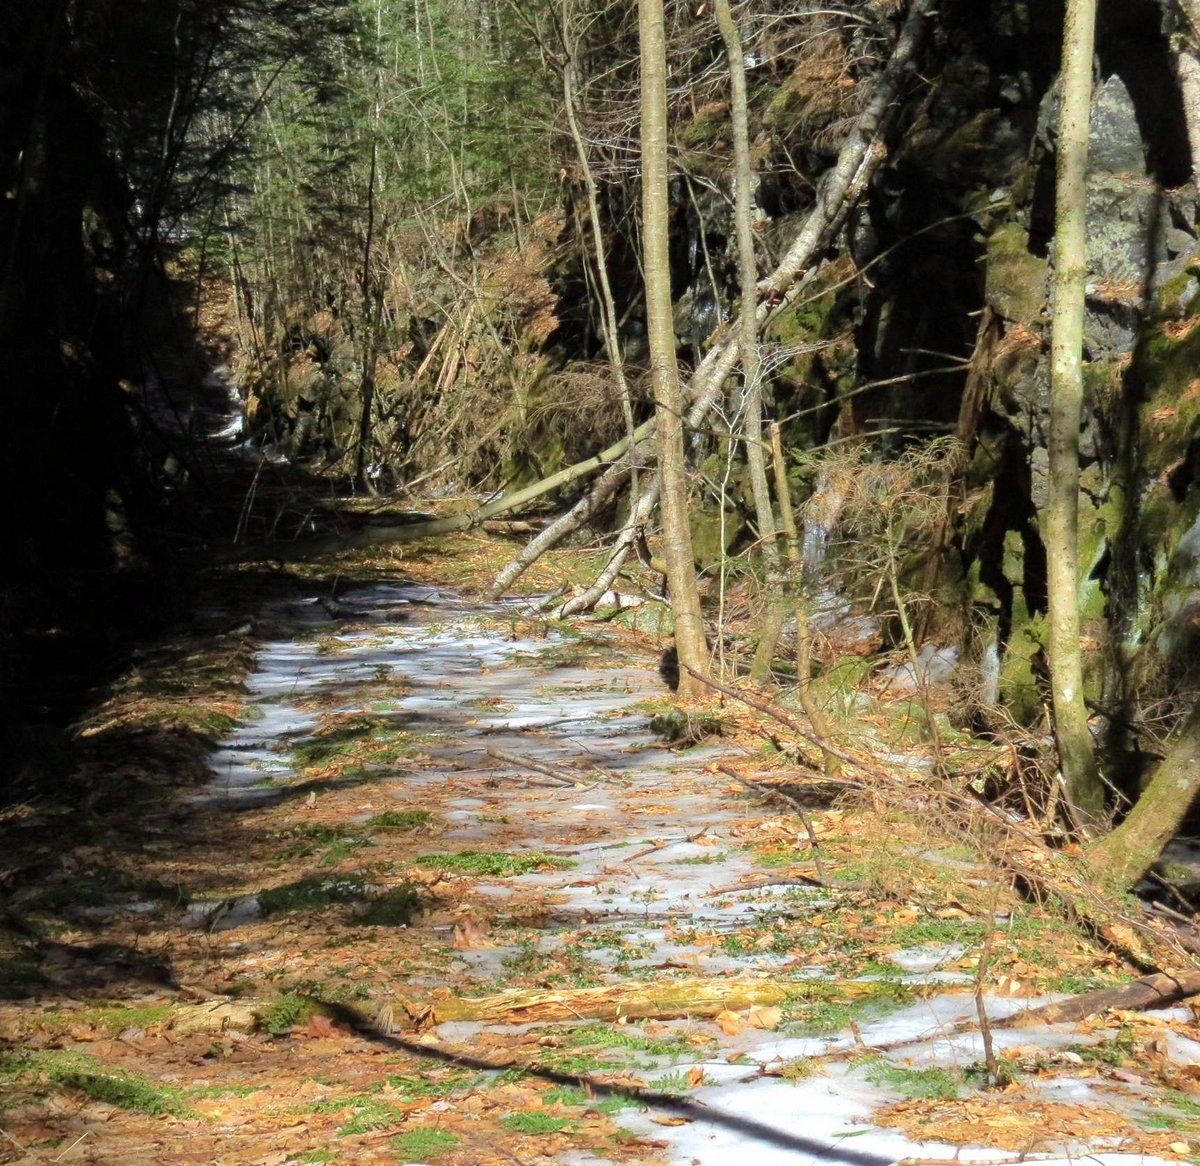 17. Fallen Trees